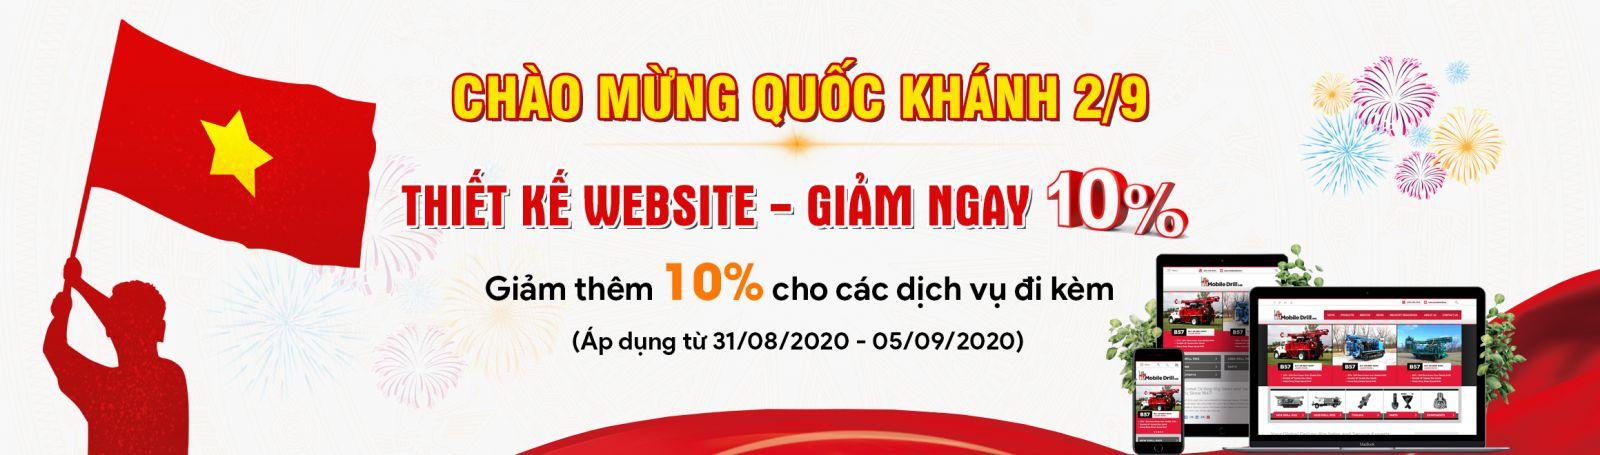 KHUYẾN MẠI 2/9 - Giảm giá 10% dịch vụ Website